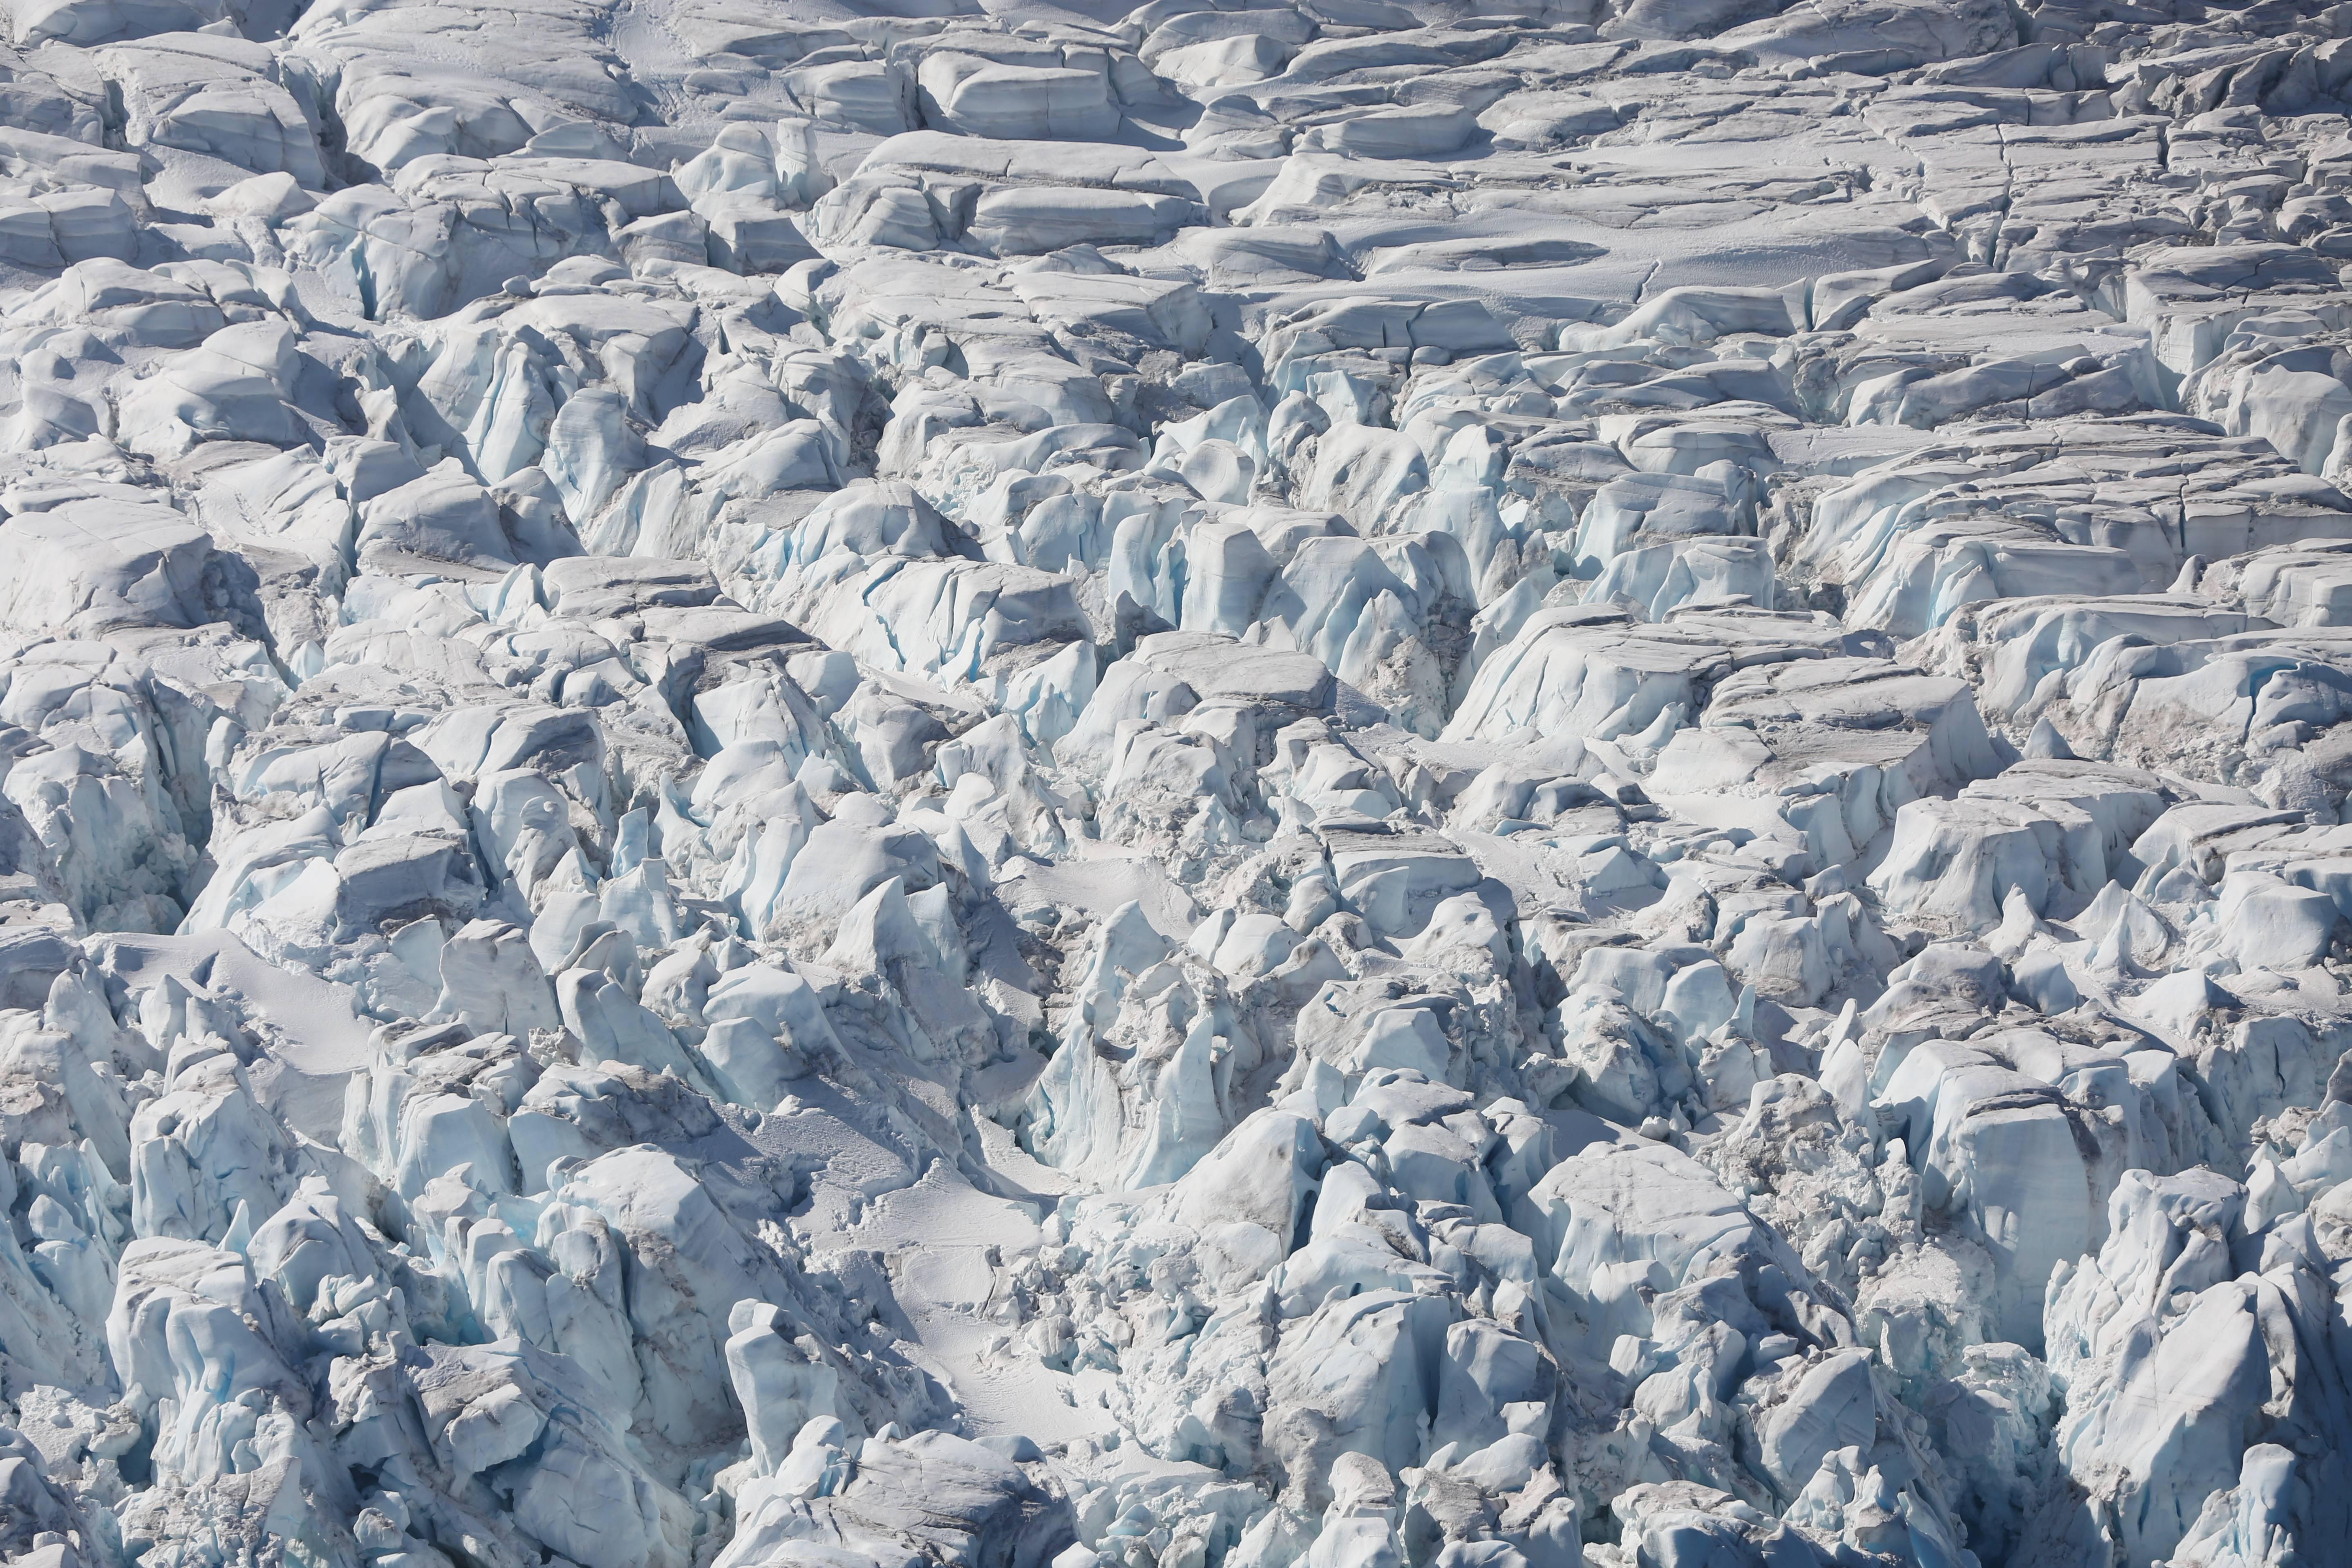 A glacier in Half Moon Bay, Antarctica